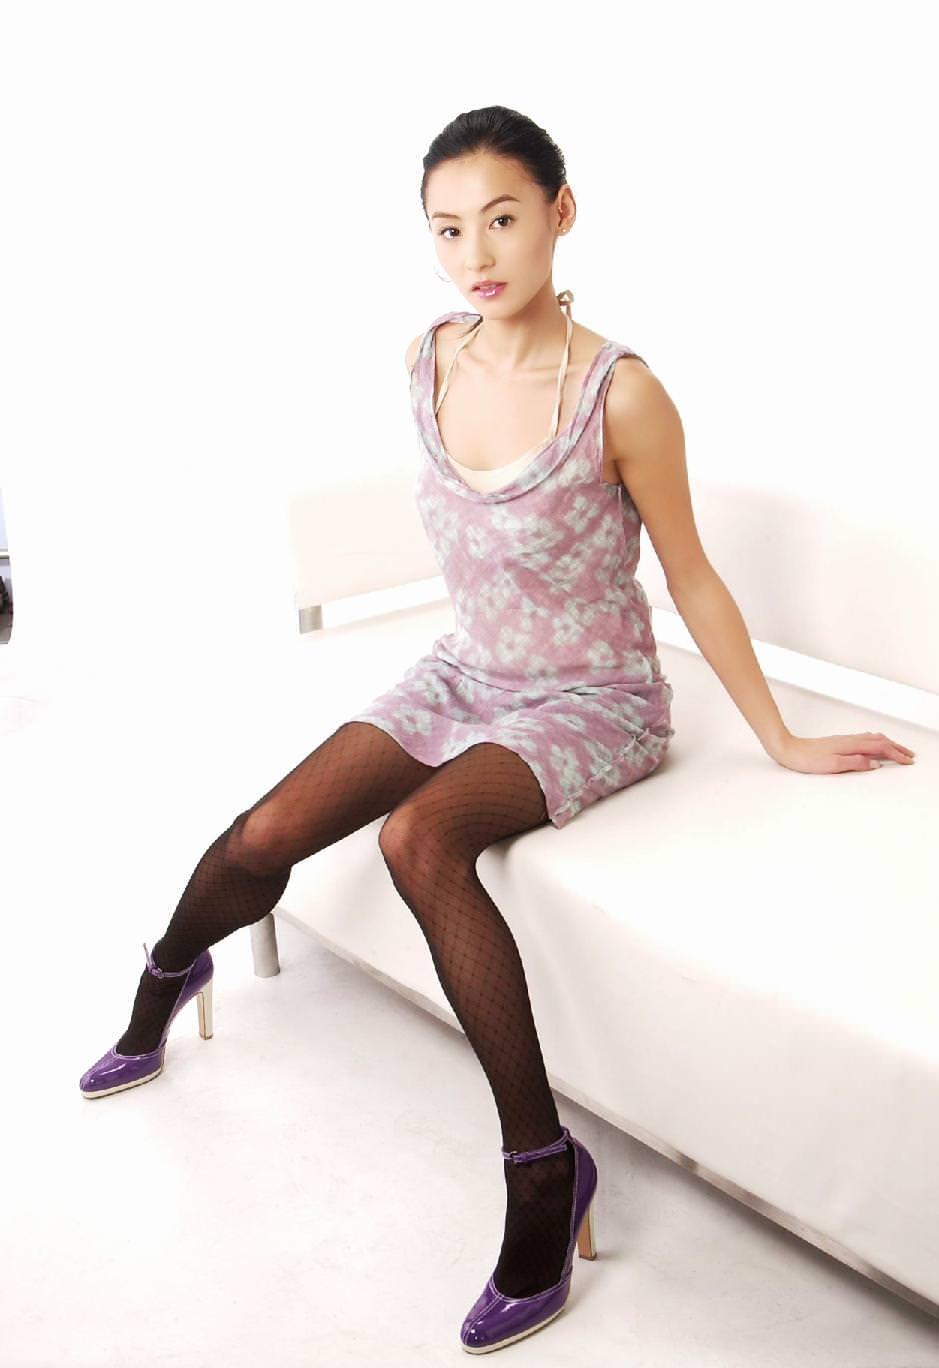 Cecilia Cheung Photo Gallery